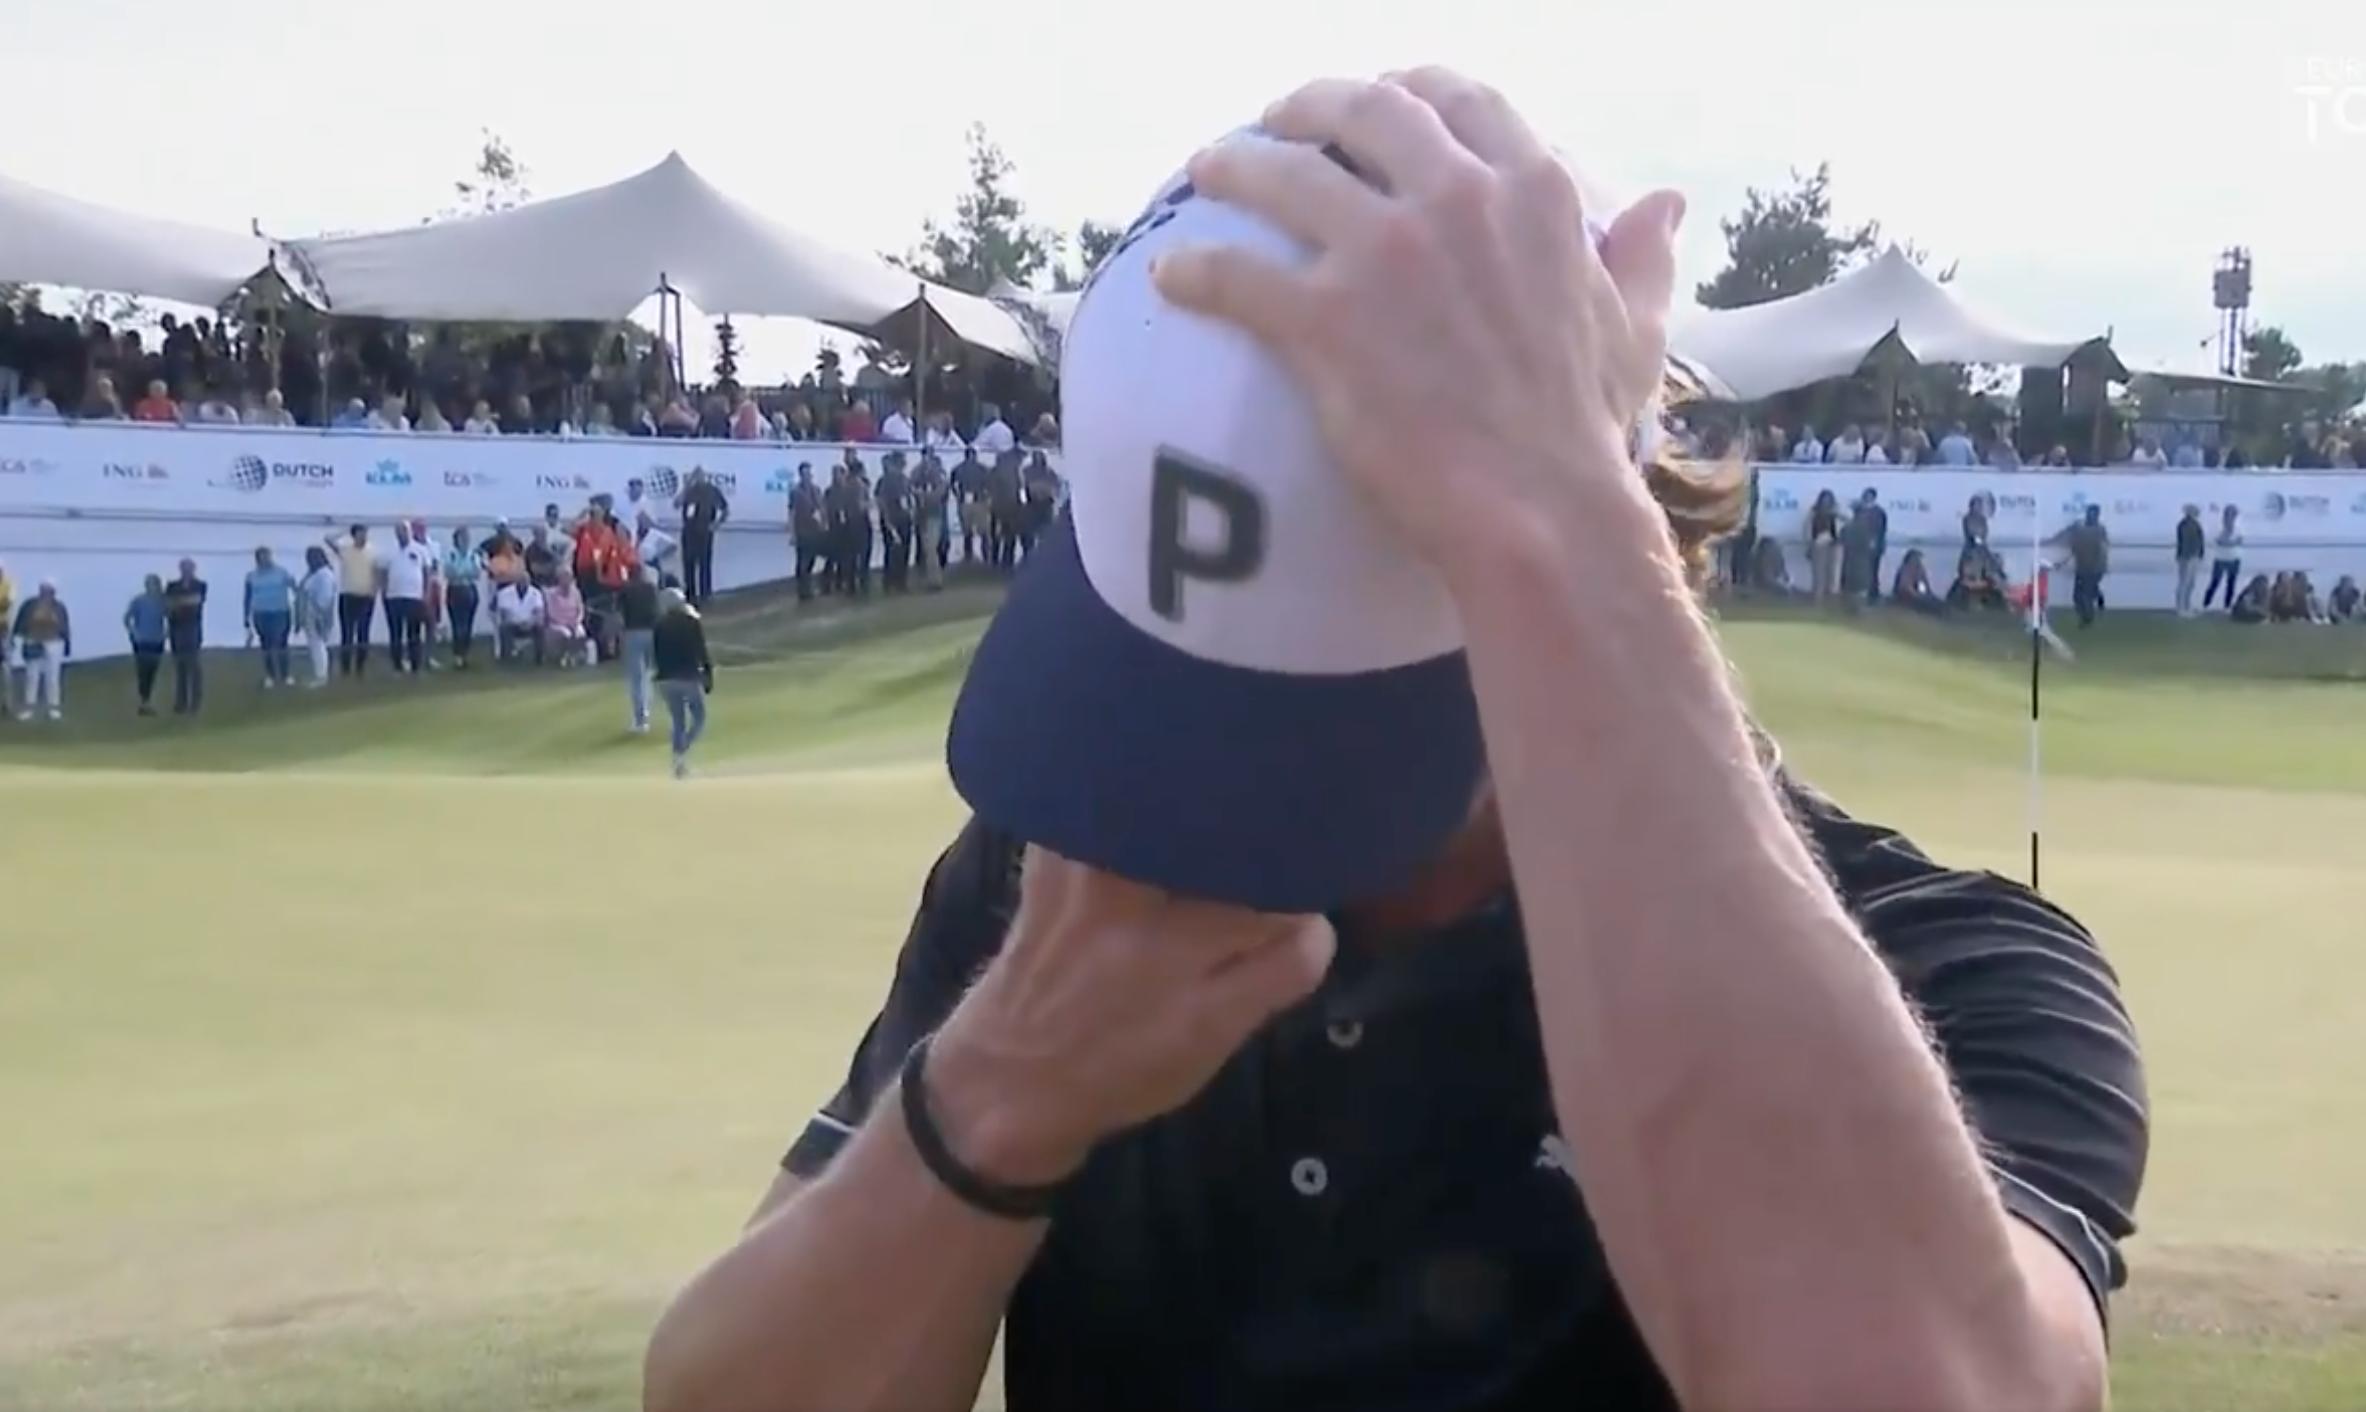 Broberg kéo mũ để giấu nét xúc động khi bật khóc sau chức vô địch Dutch Open. Ảnh chụp màn hình